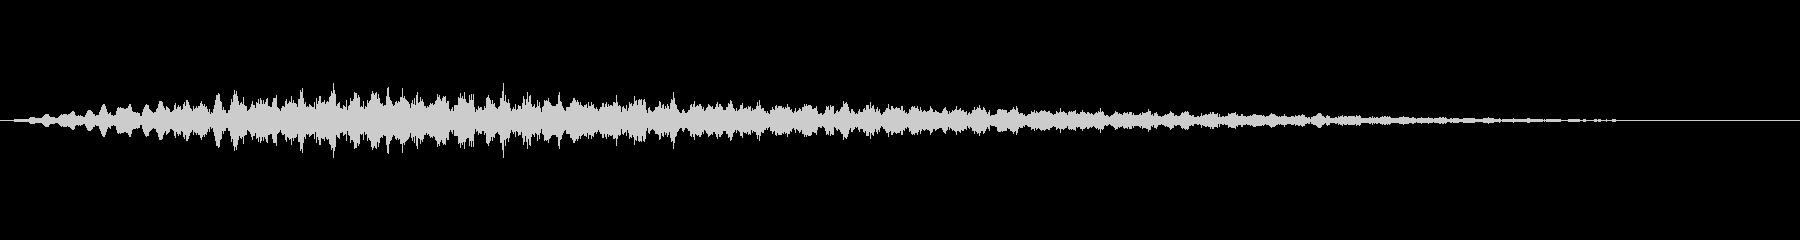 発見音(ダンジョン・塔)1の未再生の波形